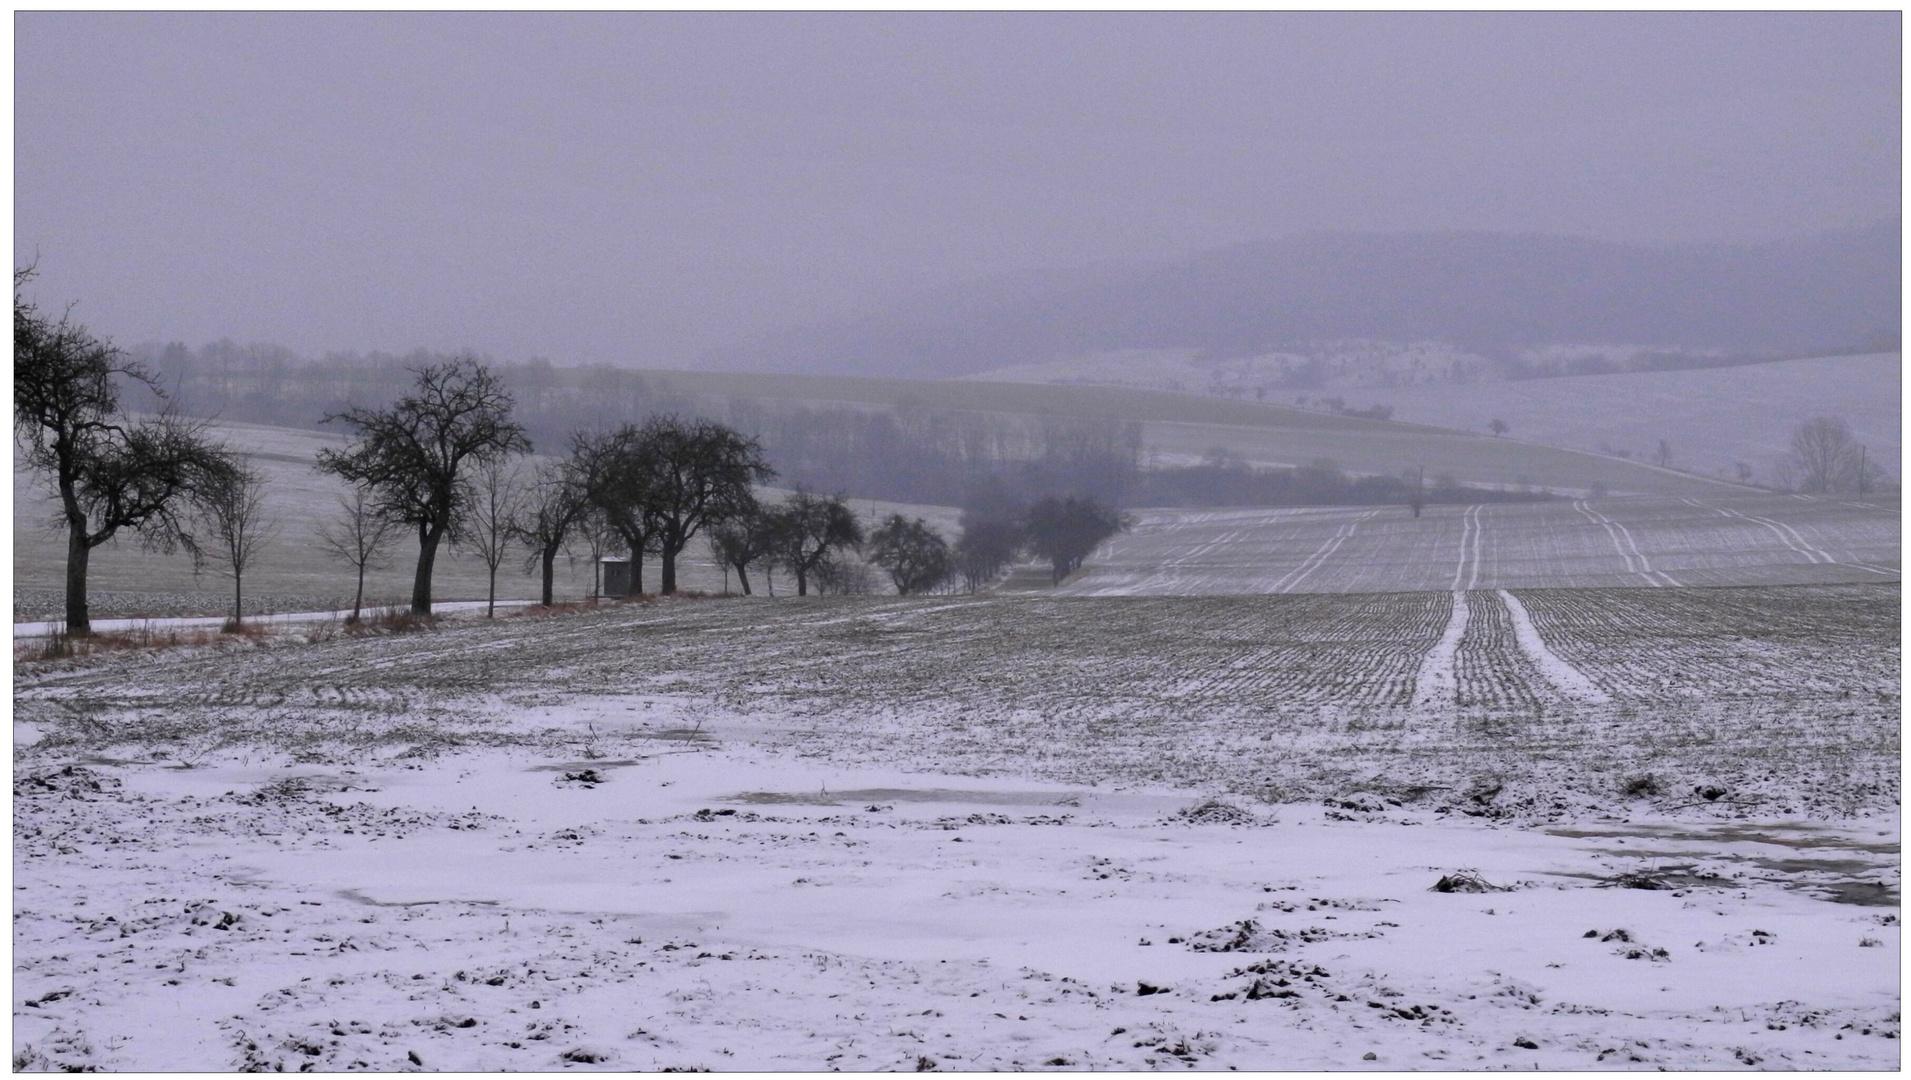 Paisaje invernal (winterliche Landschaft)